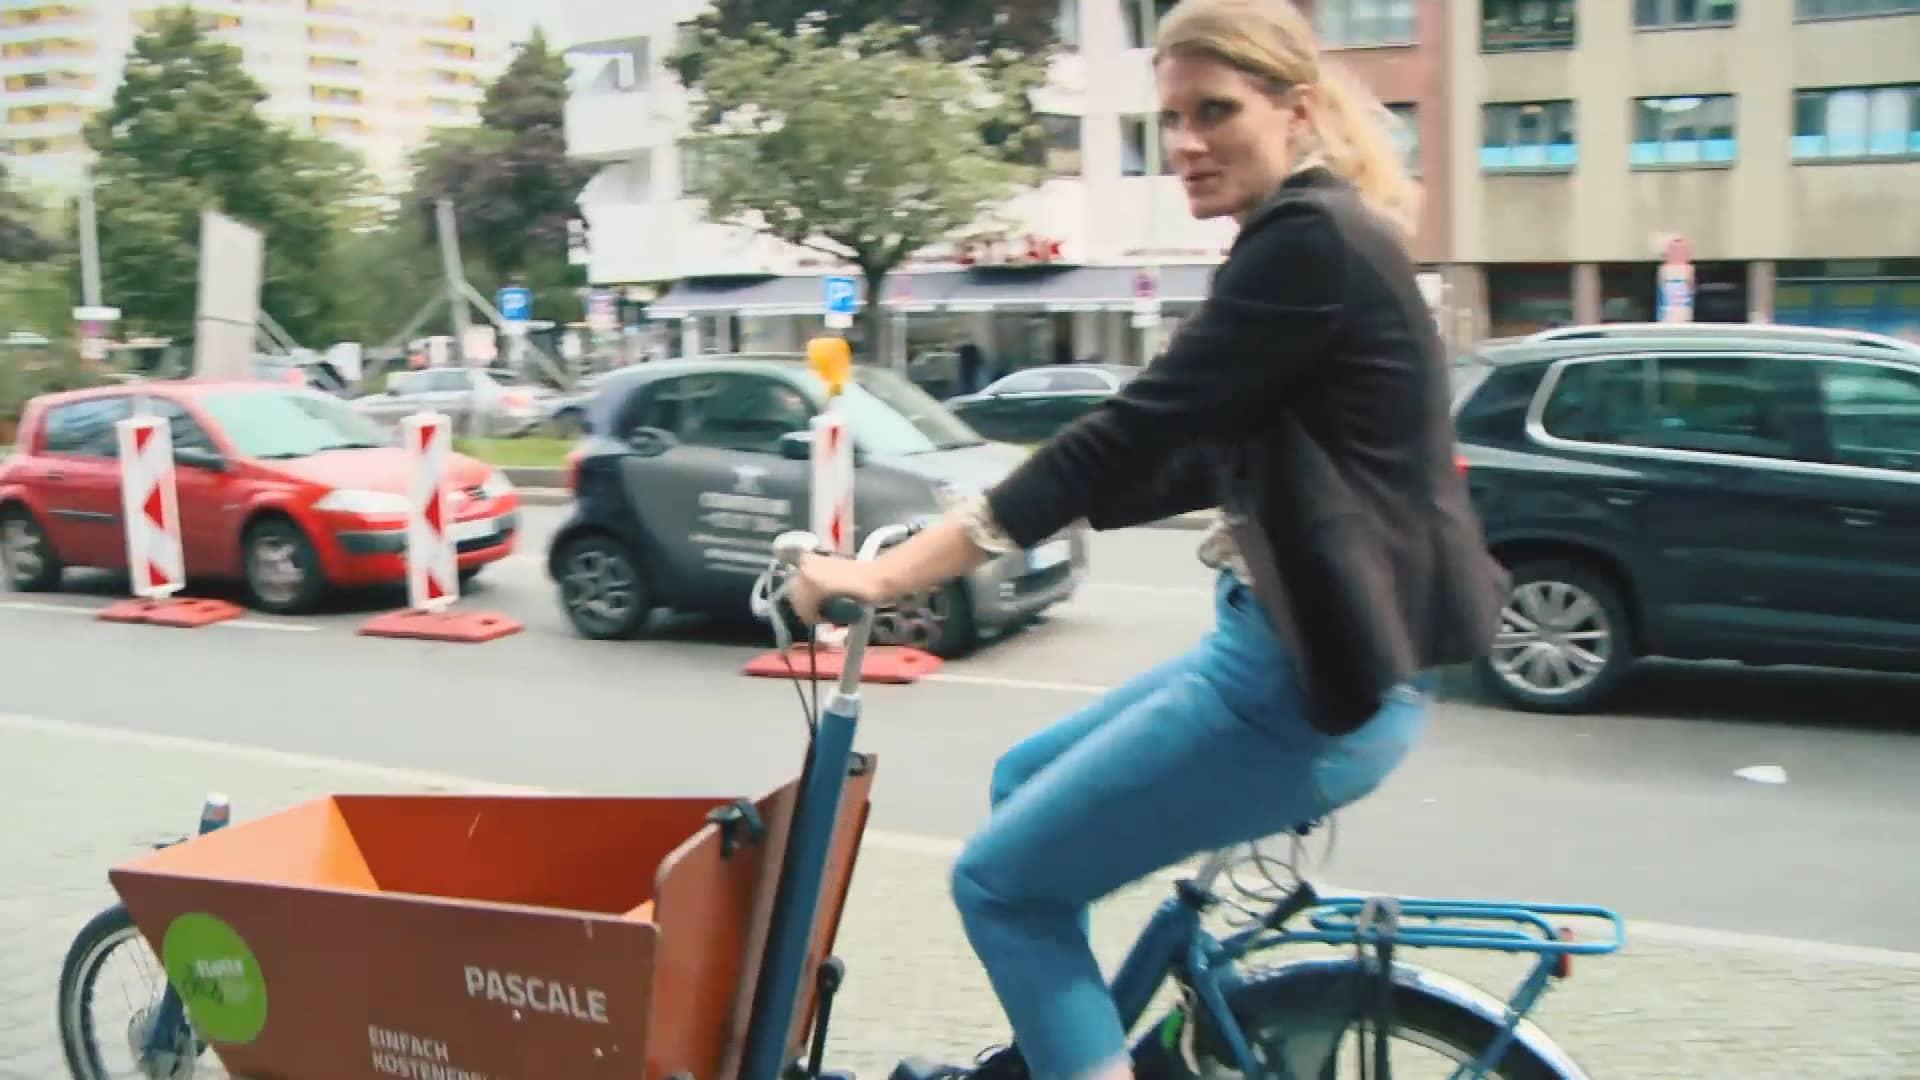 Miksi laatikkopyörät ovat kuuma puheenaihe Saksan vaaleissa? Suvi Turtiainen kertoo